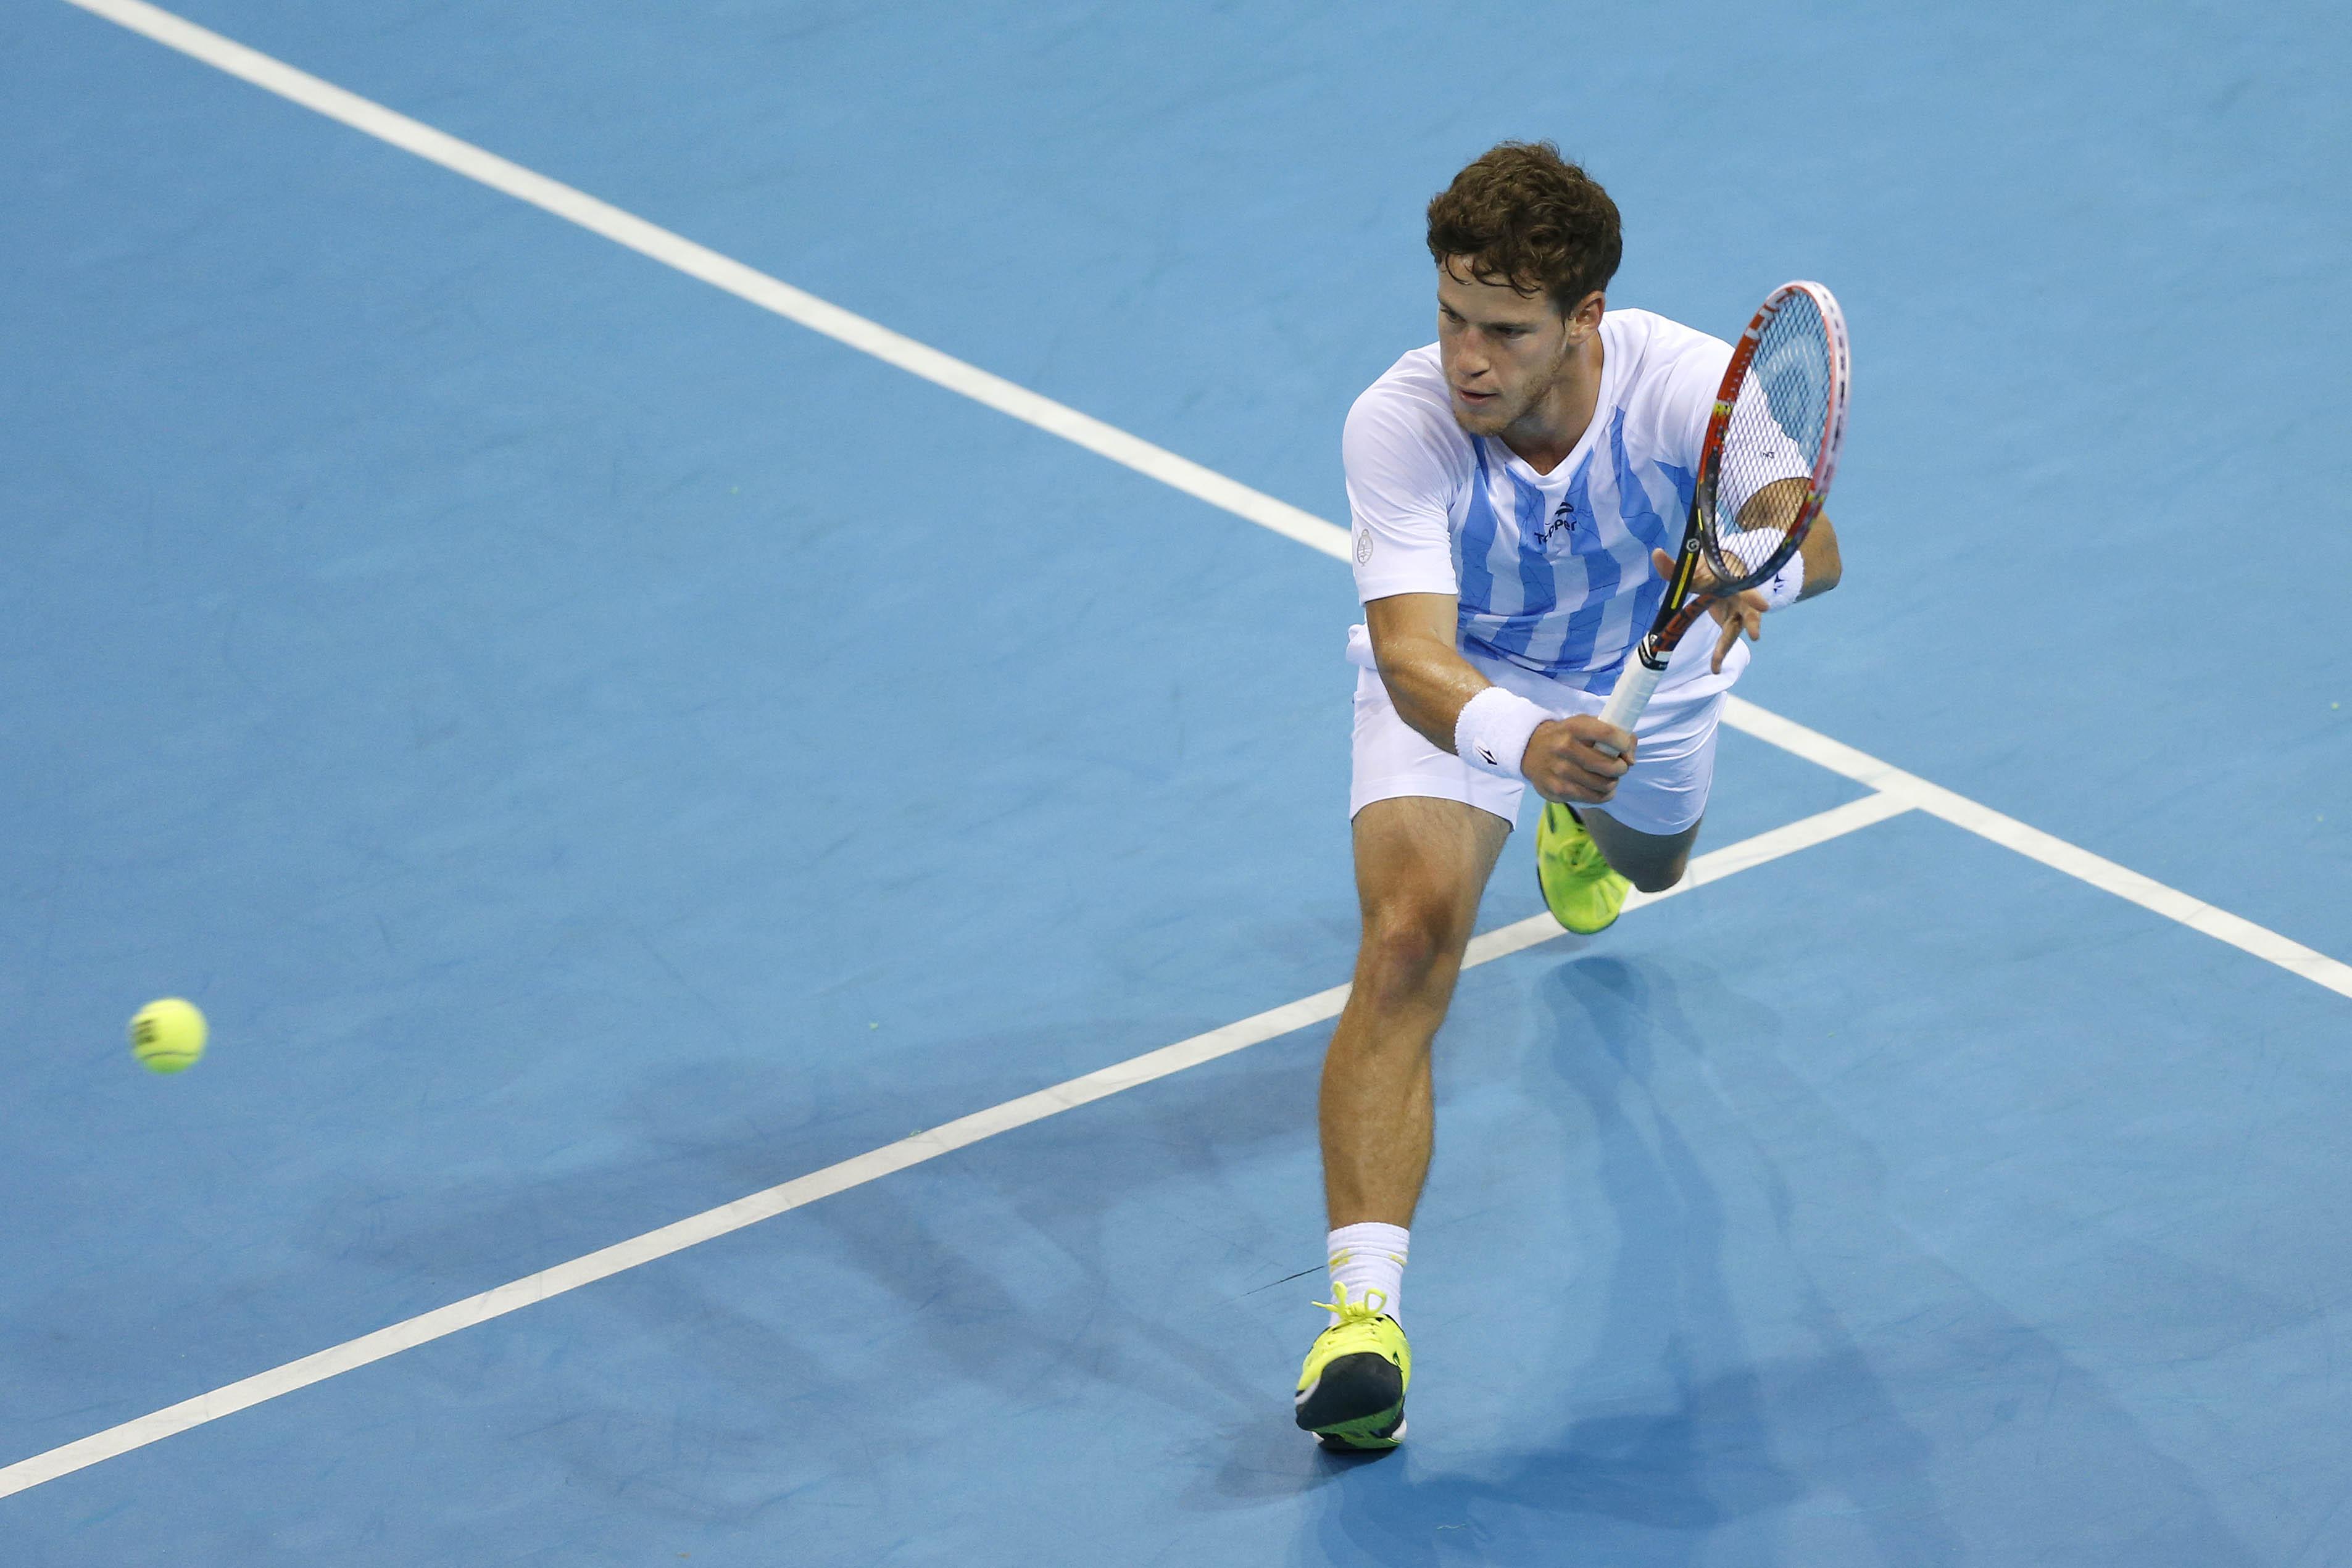 Argentina's Diego Schwartzman hits a wonderful winner down the line